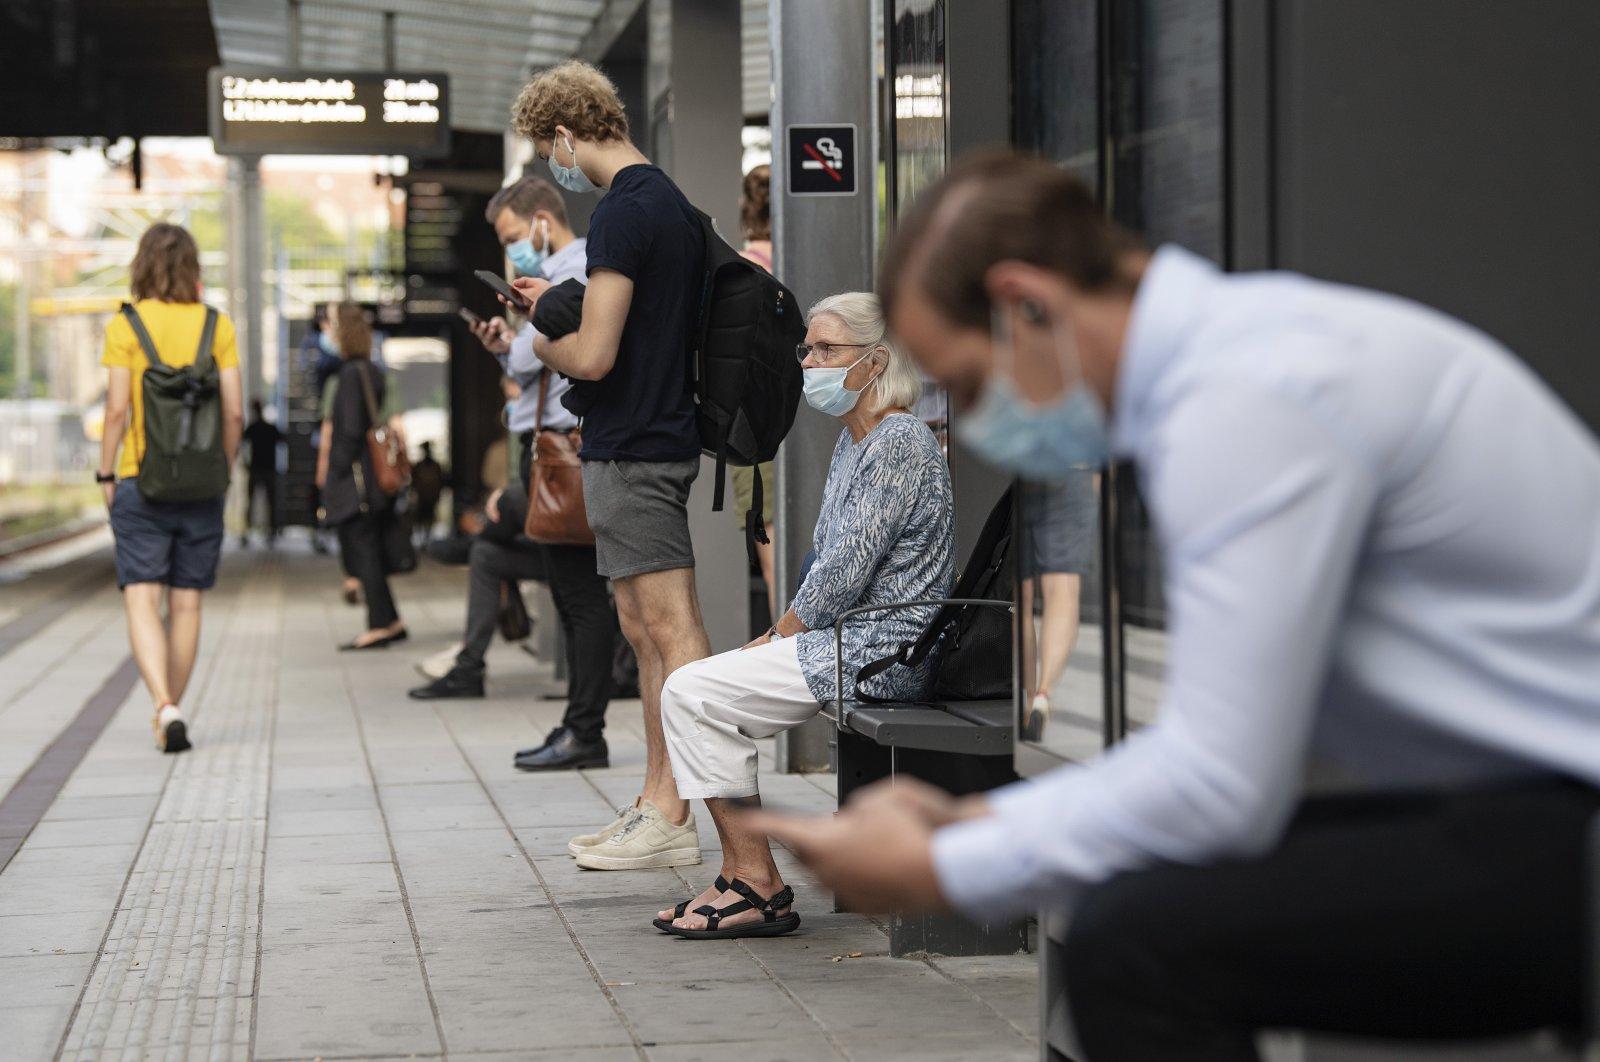 Passengers wear masks as they wait for a tram in Aarhus, Denmark, Aug. 10, 2020. (EPA-EFE Photo)